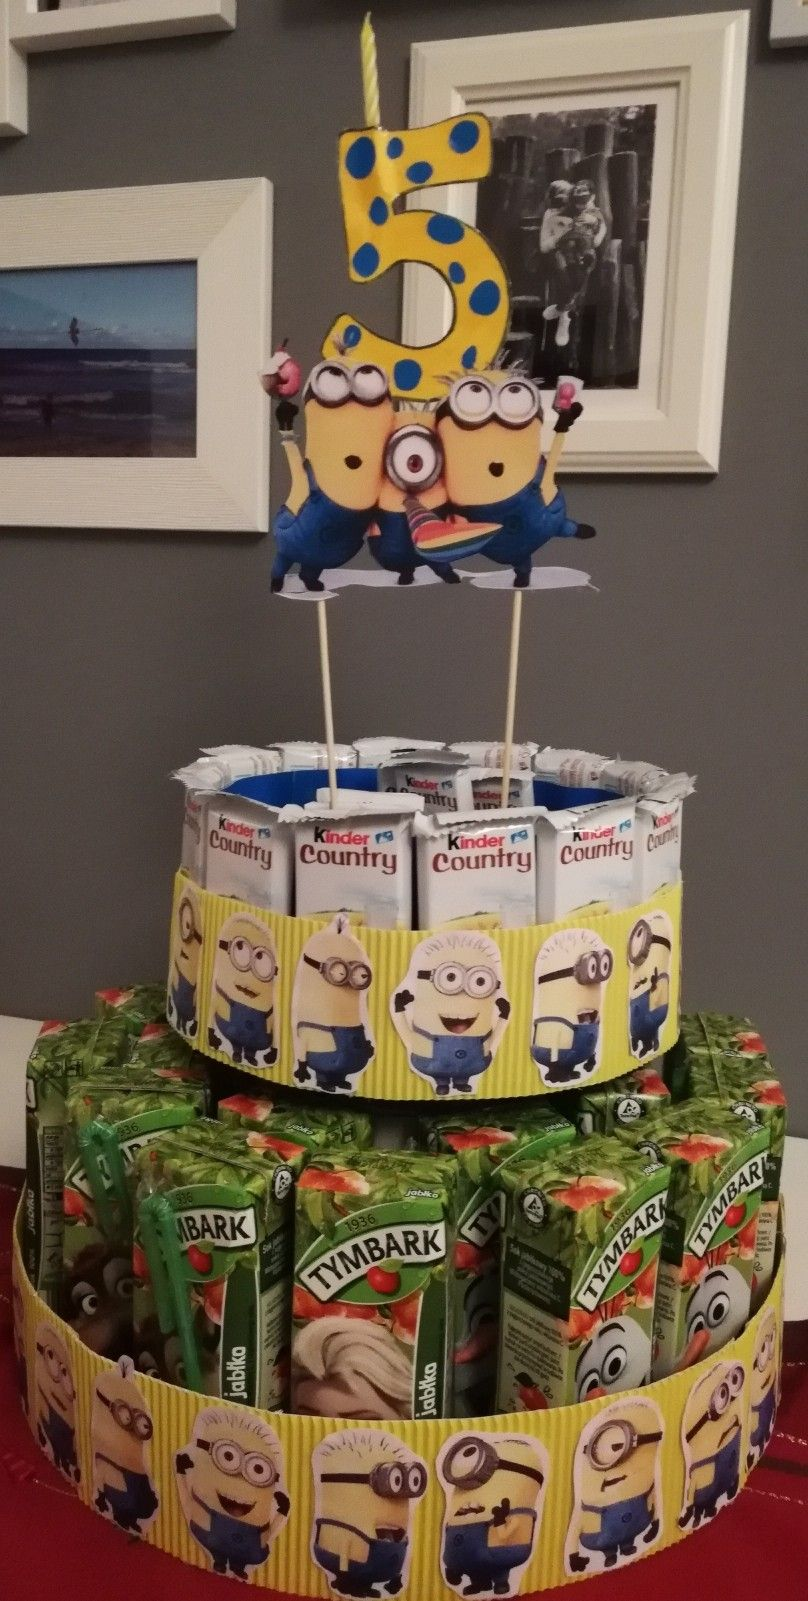 Tort Urodzinowy Ze Slodyczy Minionki Zadza 5 Urodziny Cake Diaper Cake Kinder